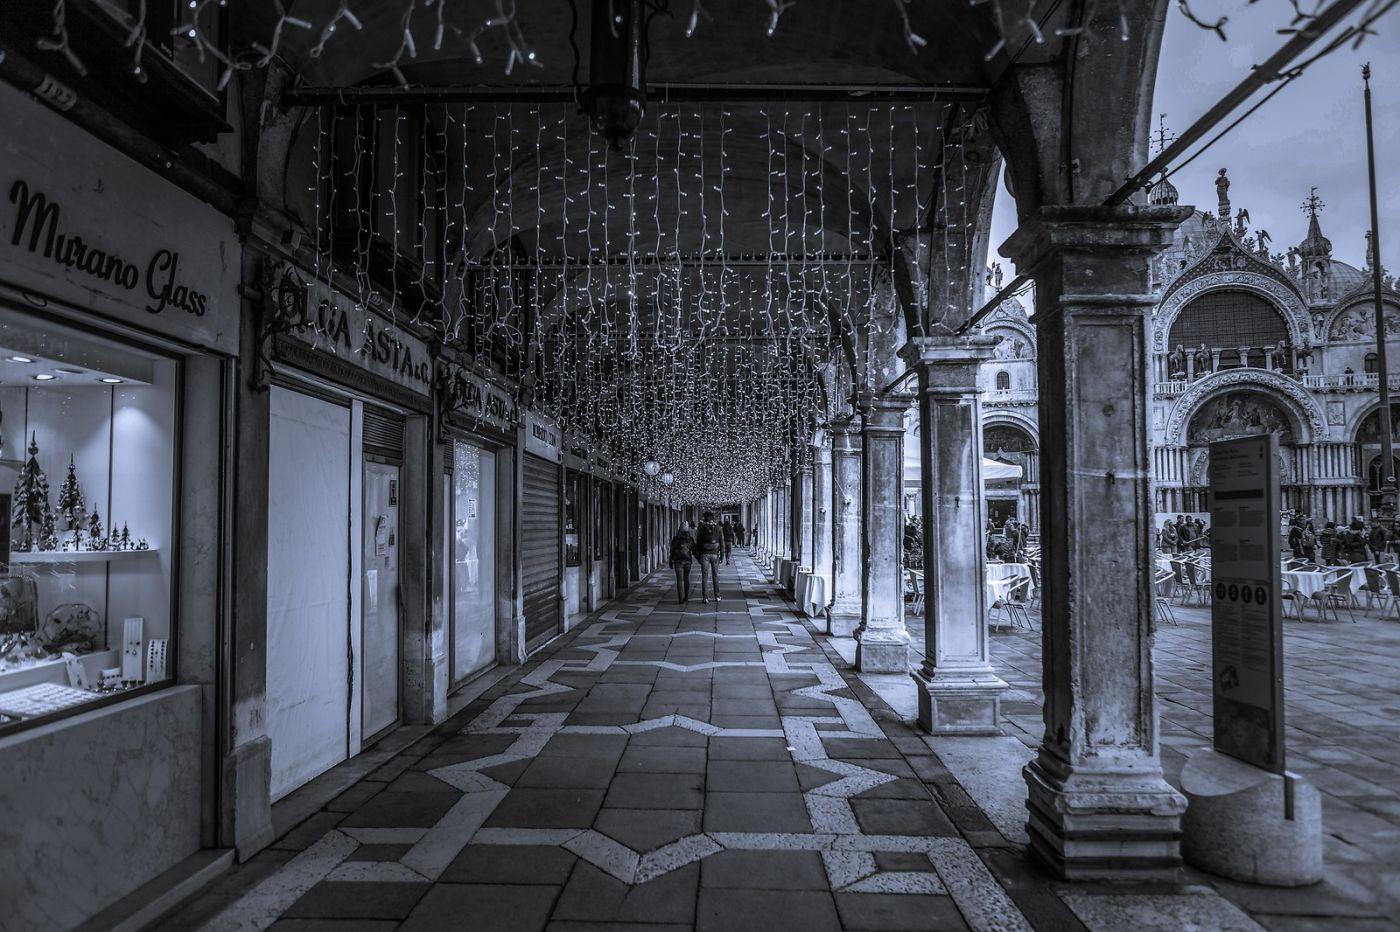 威尼斯圣马可广场(St Mark's Square), 独一无二_图1-10